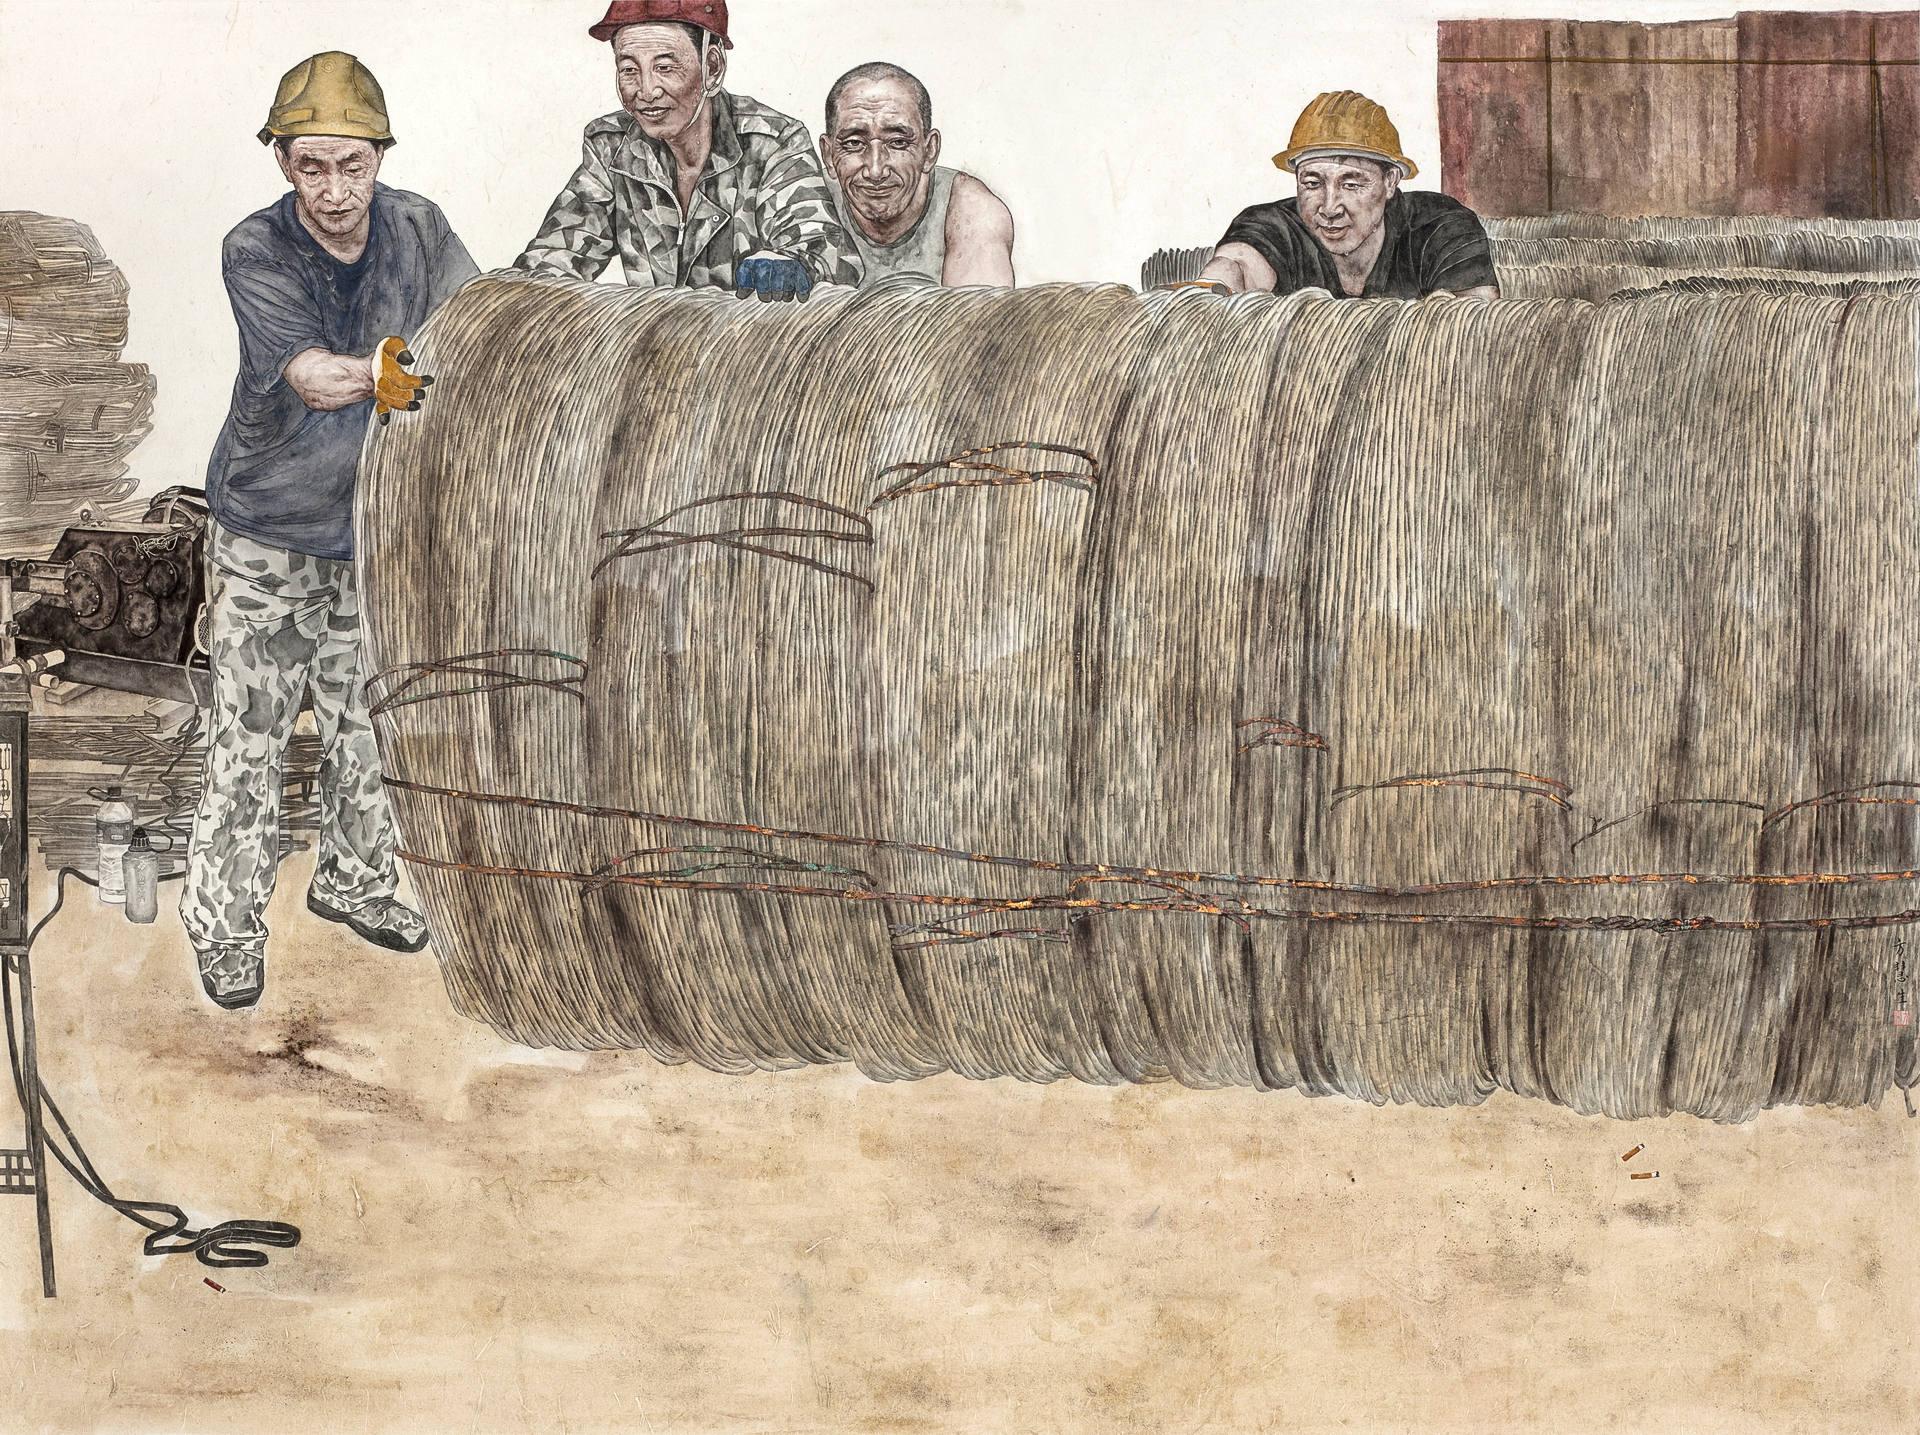 《洪荒之力·乐活》165x200cm 人物 纸本设色 2018年 国展作品